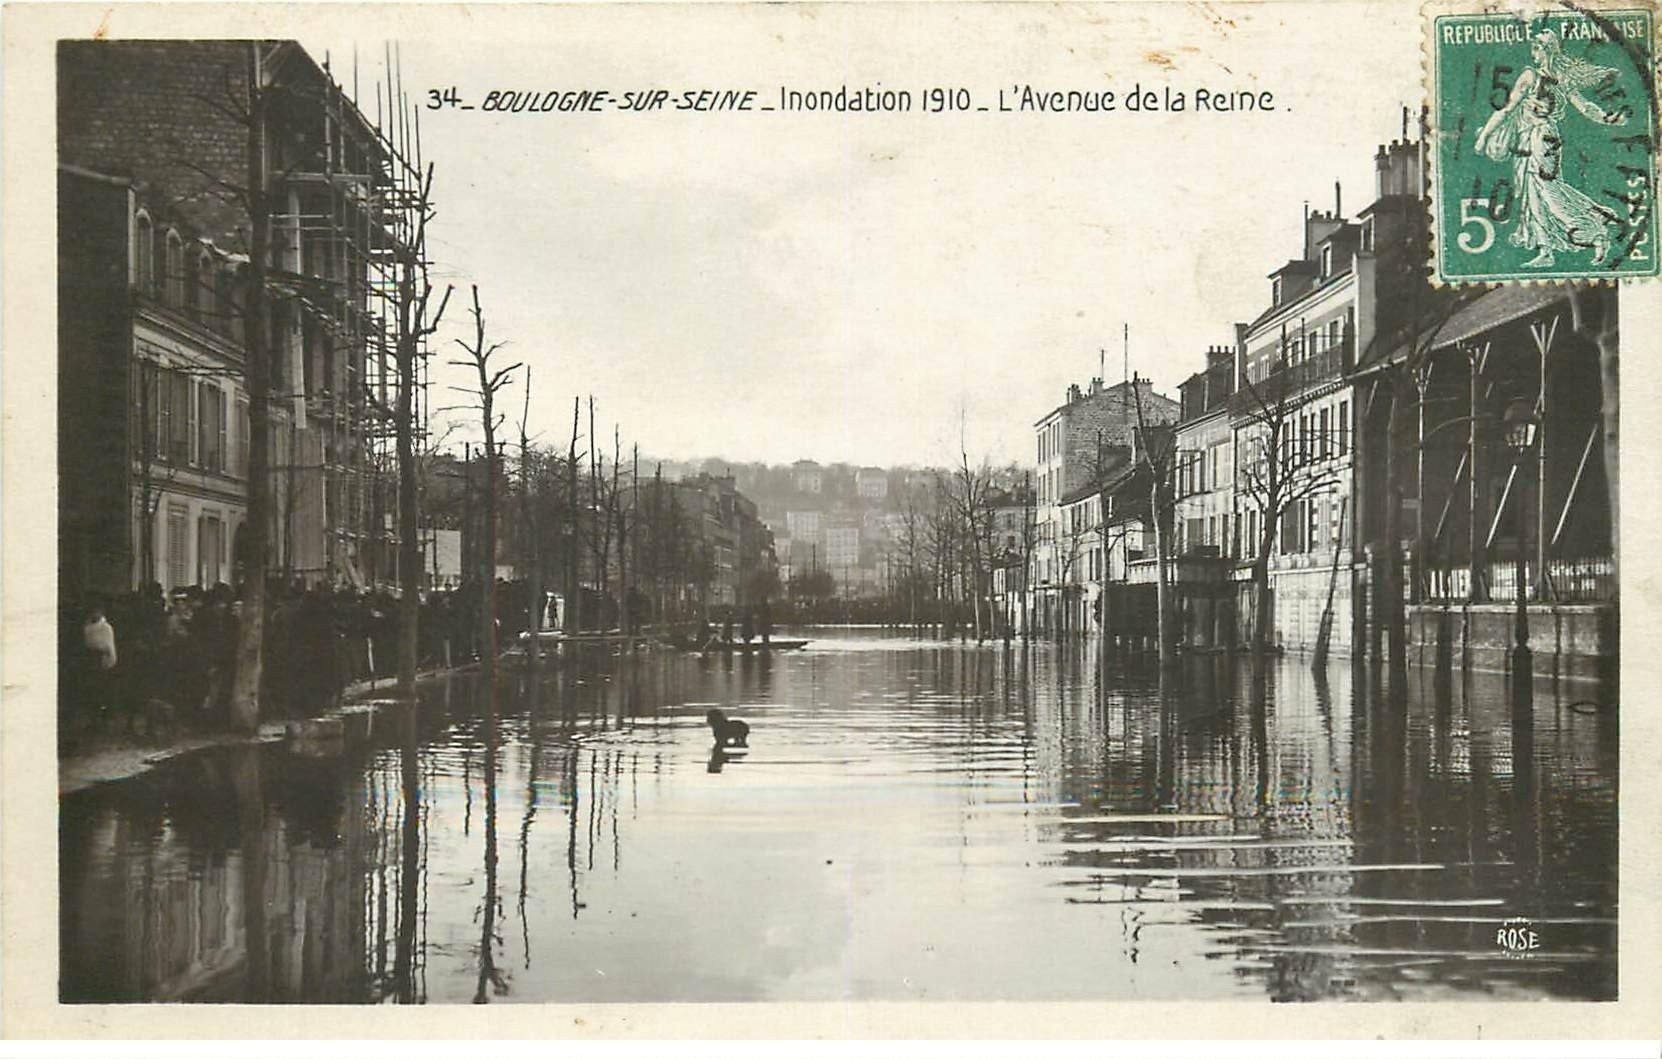 carte postale ancienne Inondation et Crue de 1910. BOULOGNE-SUR-SEINE 92. Avenue de la Reine